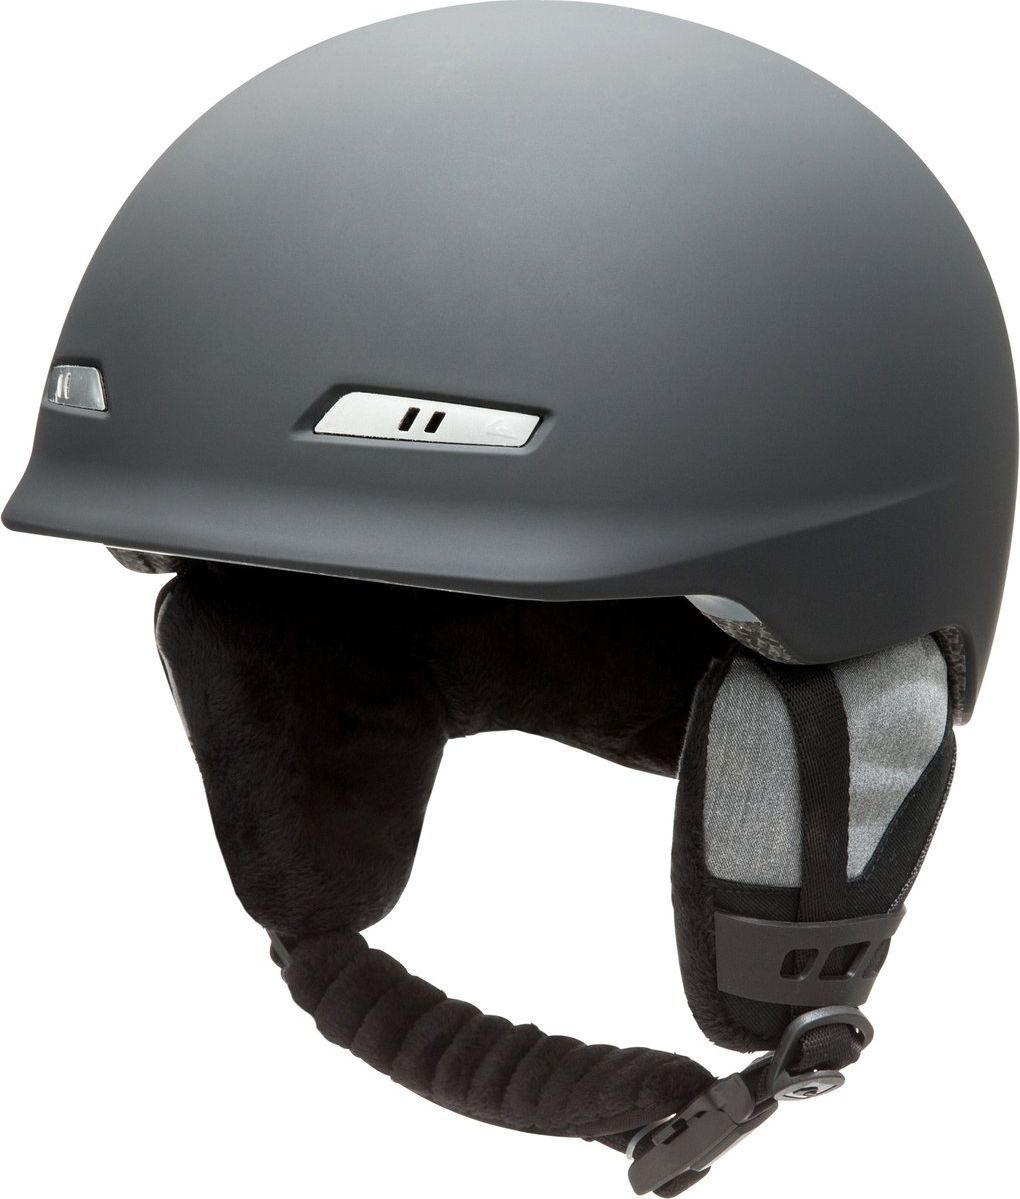 Шлем мужской Quiksilver, зимний, цвет: черный. EQYTL03017-KVJ0. Размер LEQYTL03017-KVJ0Сноубордический шлем имеет сверхлегкую конструкцию из двойного микрошелла сверхлегкой литой конструкции. Безопасность обеспечивает ударопоглощающий пенный полимер EPS. Шлем дополнен пассивной вентиляцией спереди и сзади. Подкладка изготовлена из сетки и флисовой шерпы. Имеются мягкие термоформованные съемные накладки на уши, система регулировки размера и воротник-гейтер. Стреп на подбородок выполнен из мягкой шерпы и оснащен застежкой системы Fidlock.Что взять с собой на горнолыжную прогулку: рассказывают эксперты. Статья OZON Гид